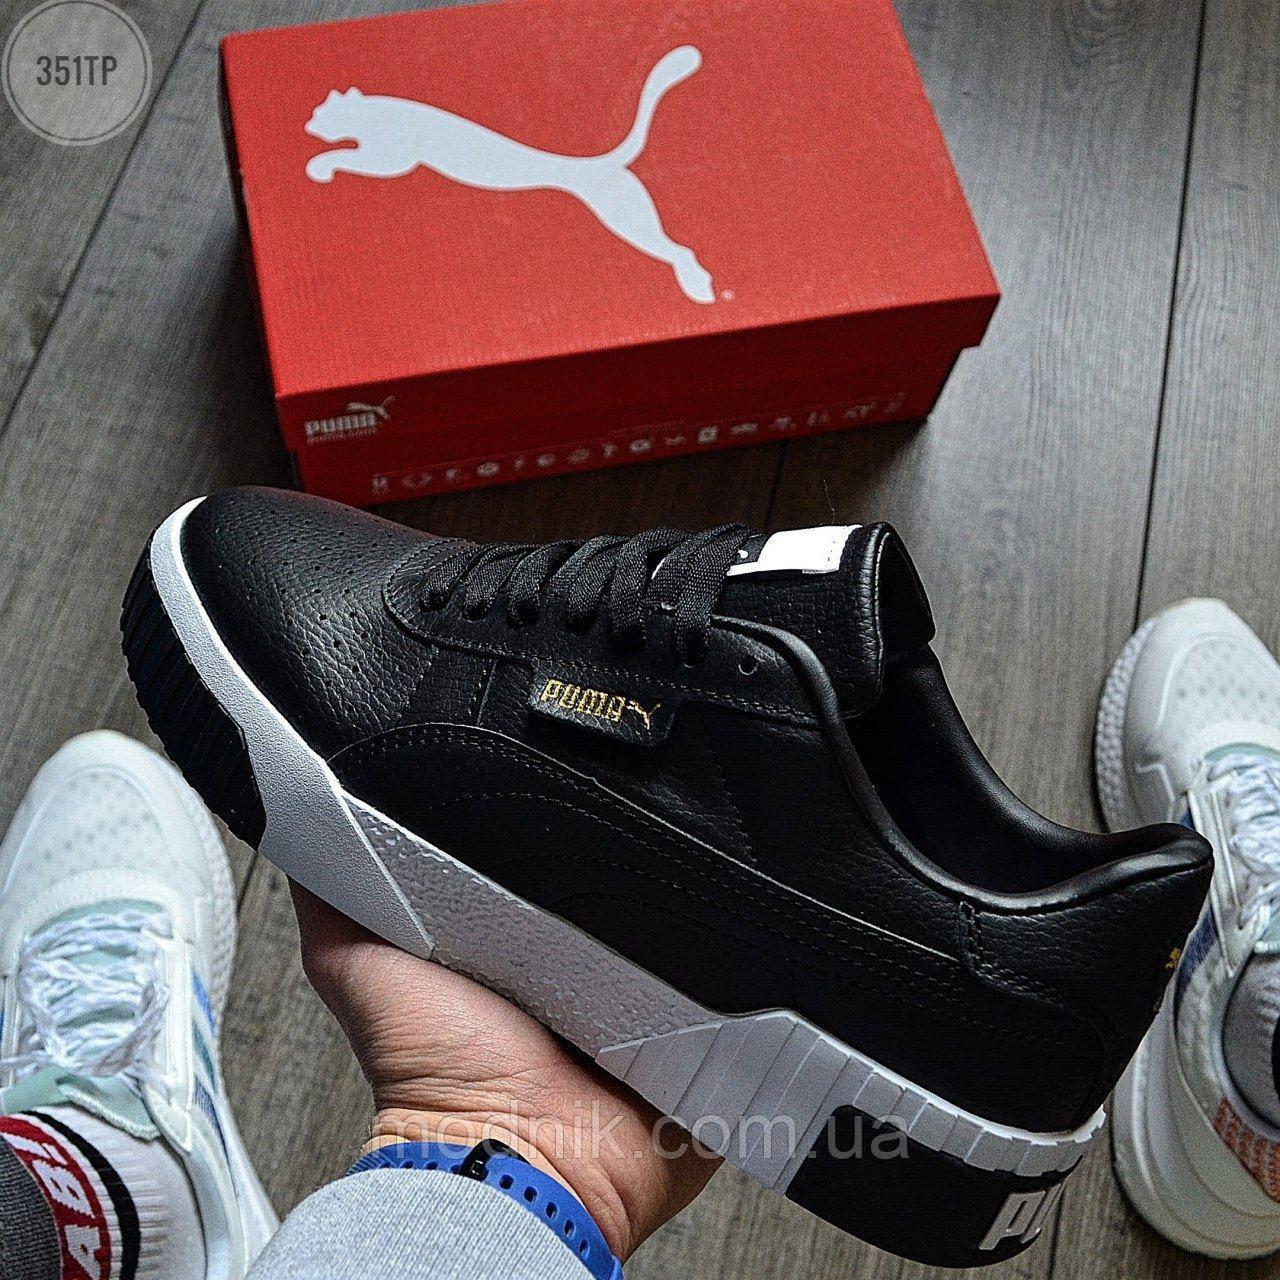 Жіночі весняні кросівки Puma cali (чорно-білі) спортивні кеди демісезонні